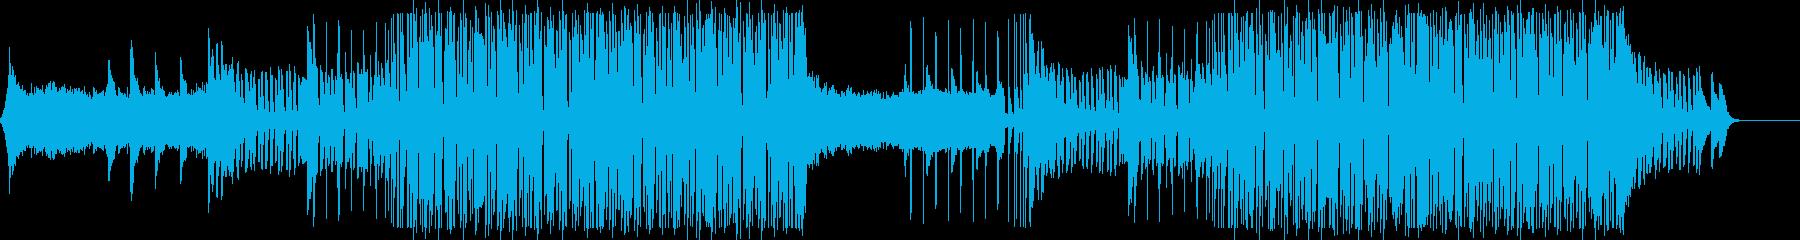 前向きでテンポの良いピアノEDMポップの再生済みの波形